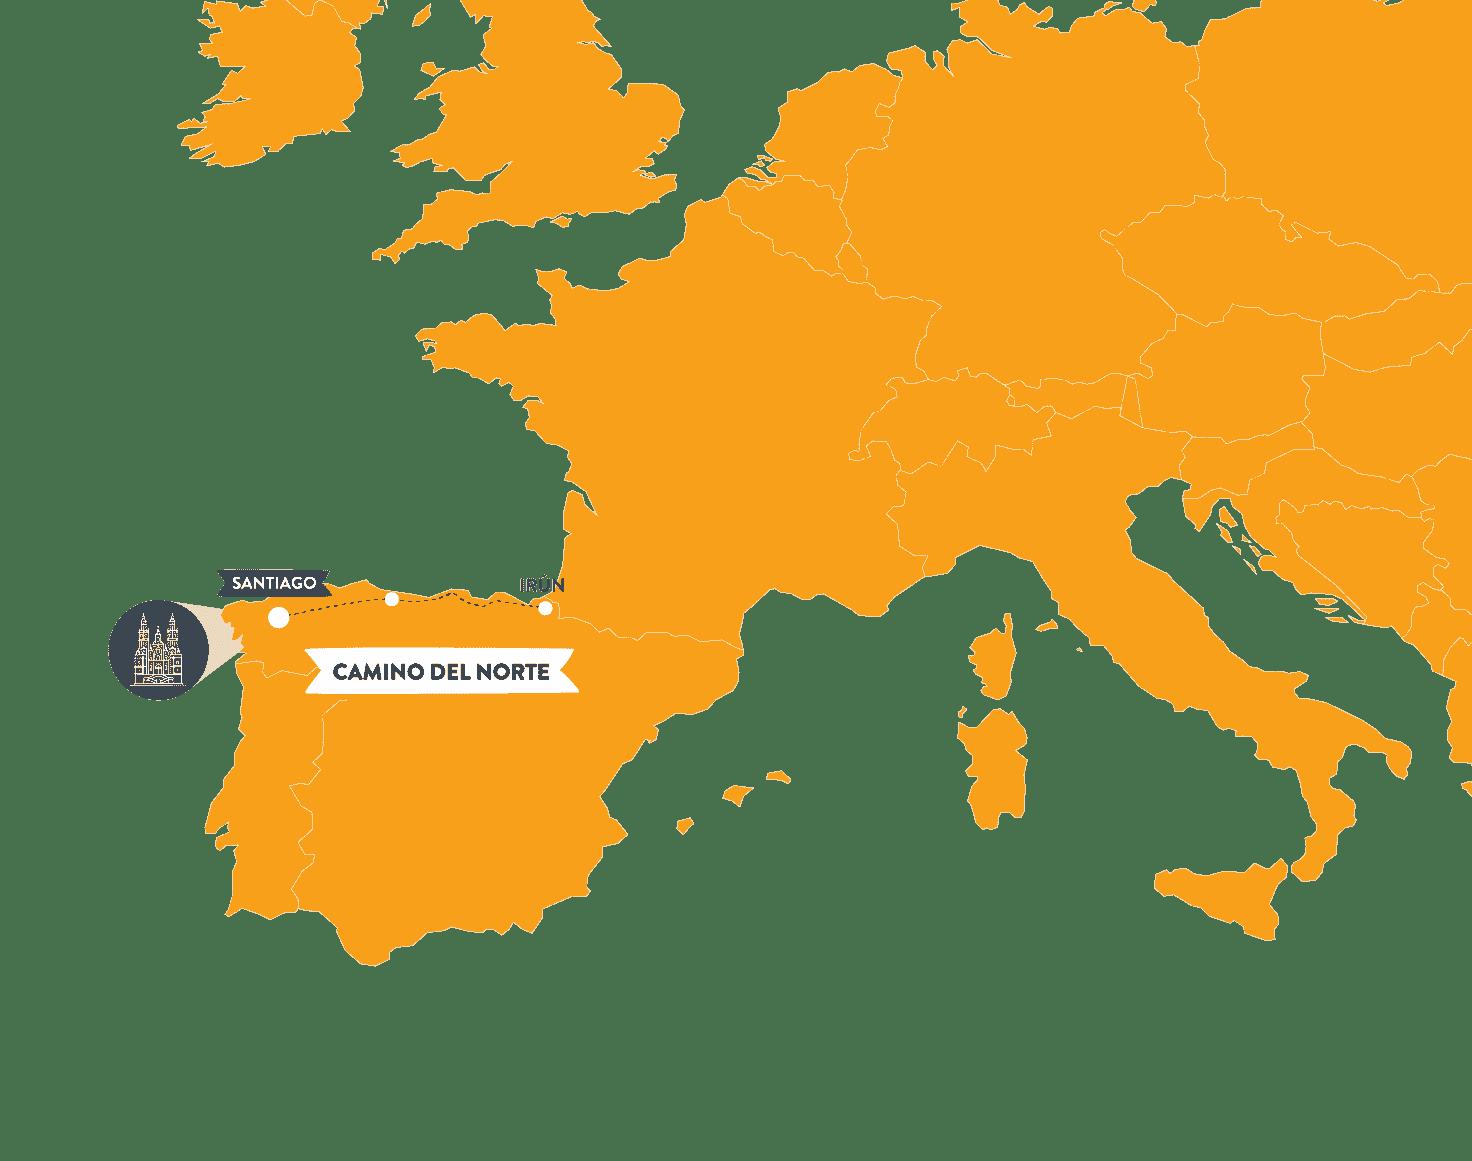 camino-del-norte-map